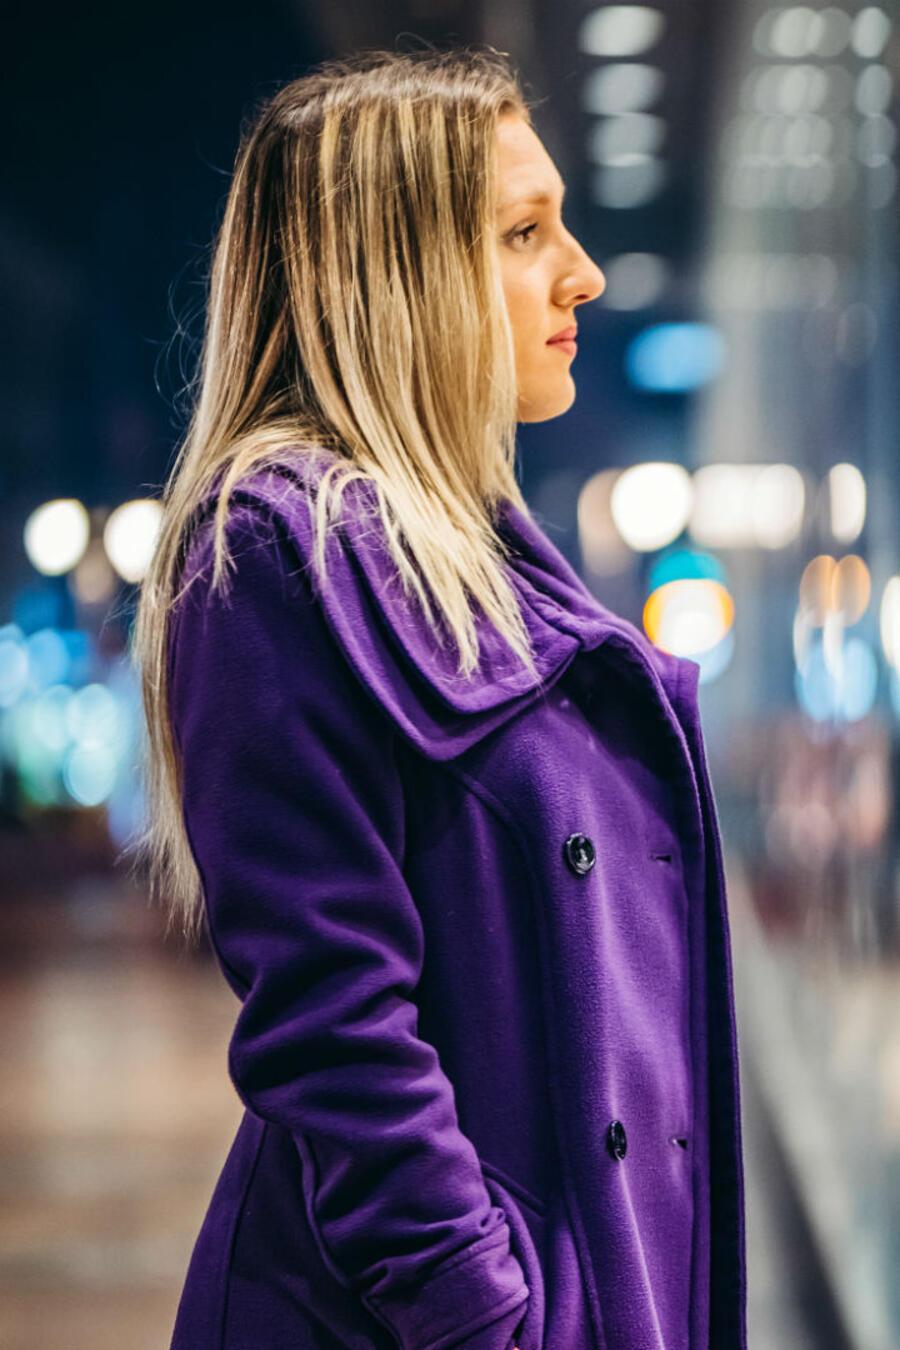 Mujer mirándose en el reflejo de una tienda